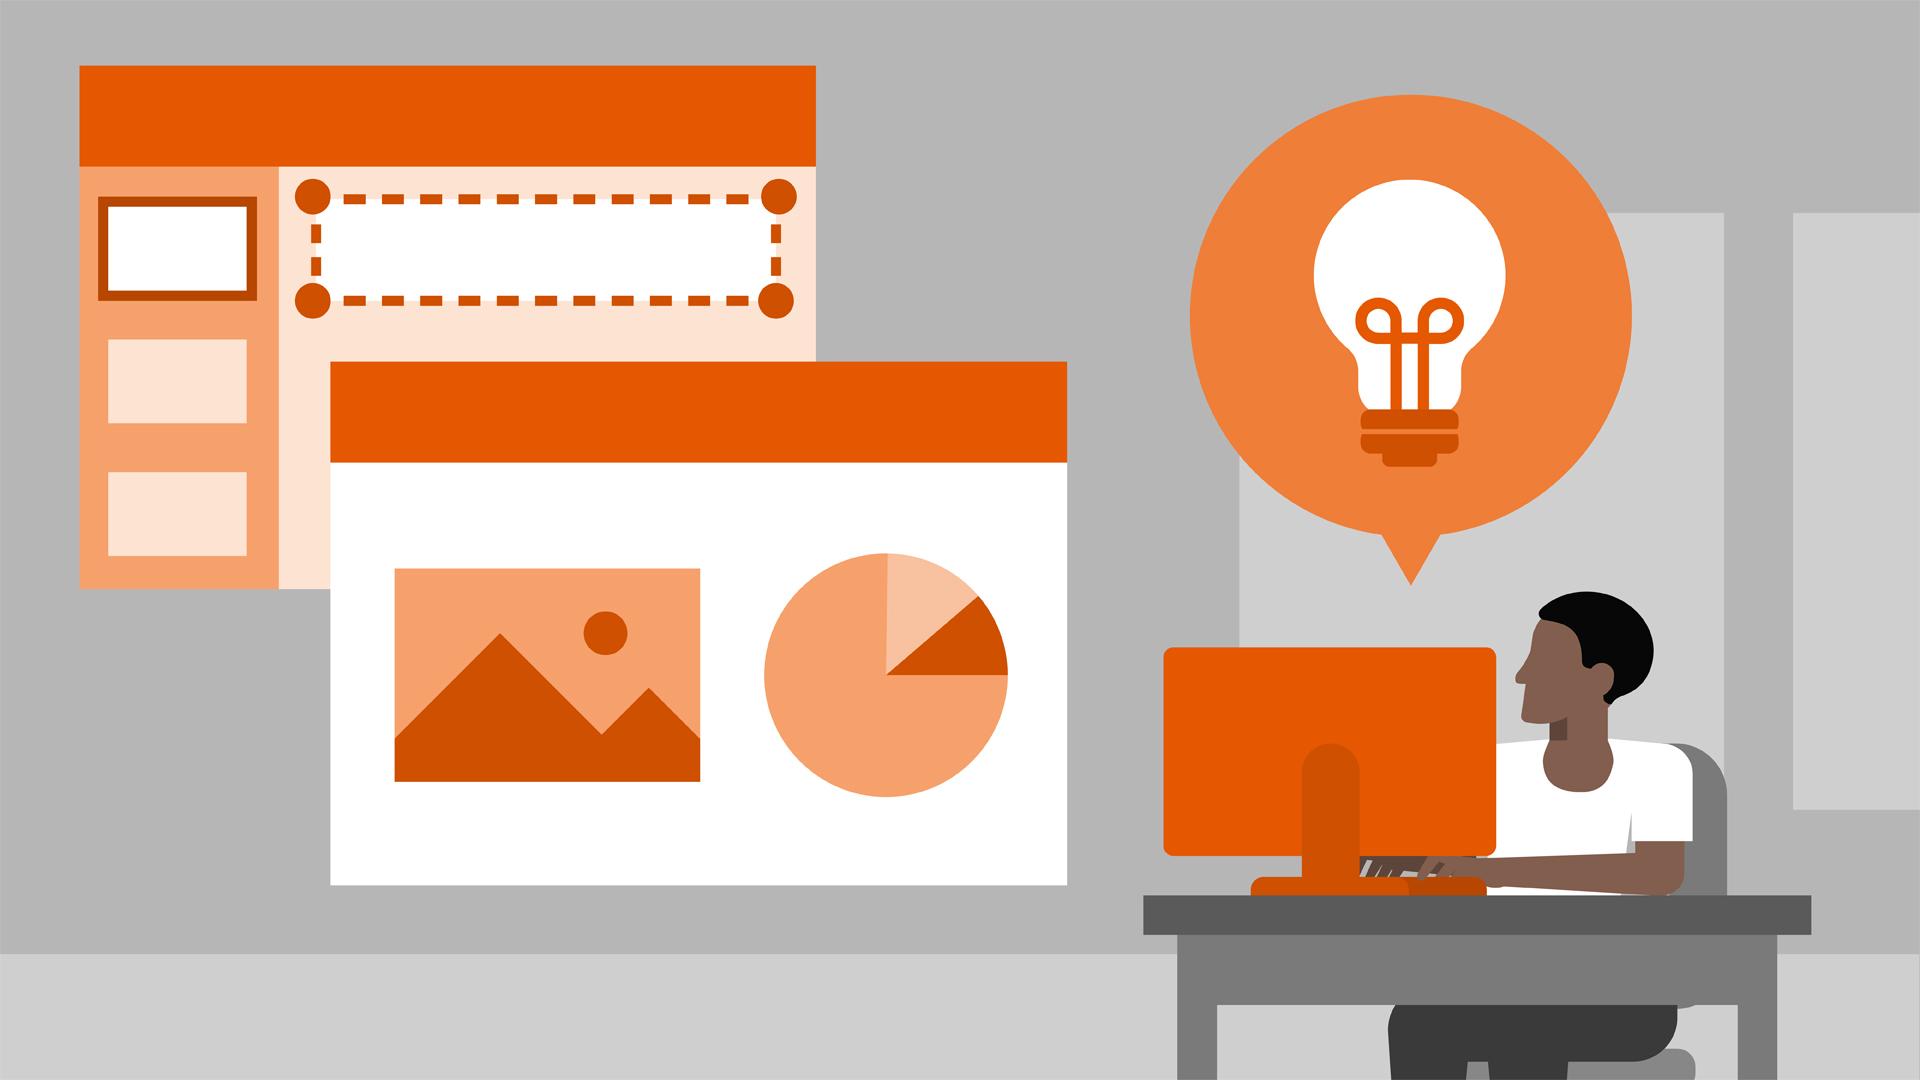 Come creare presentazioni PowerPoint migliori 2